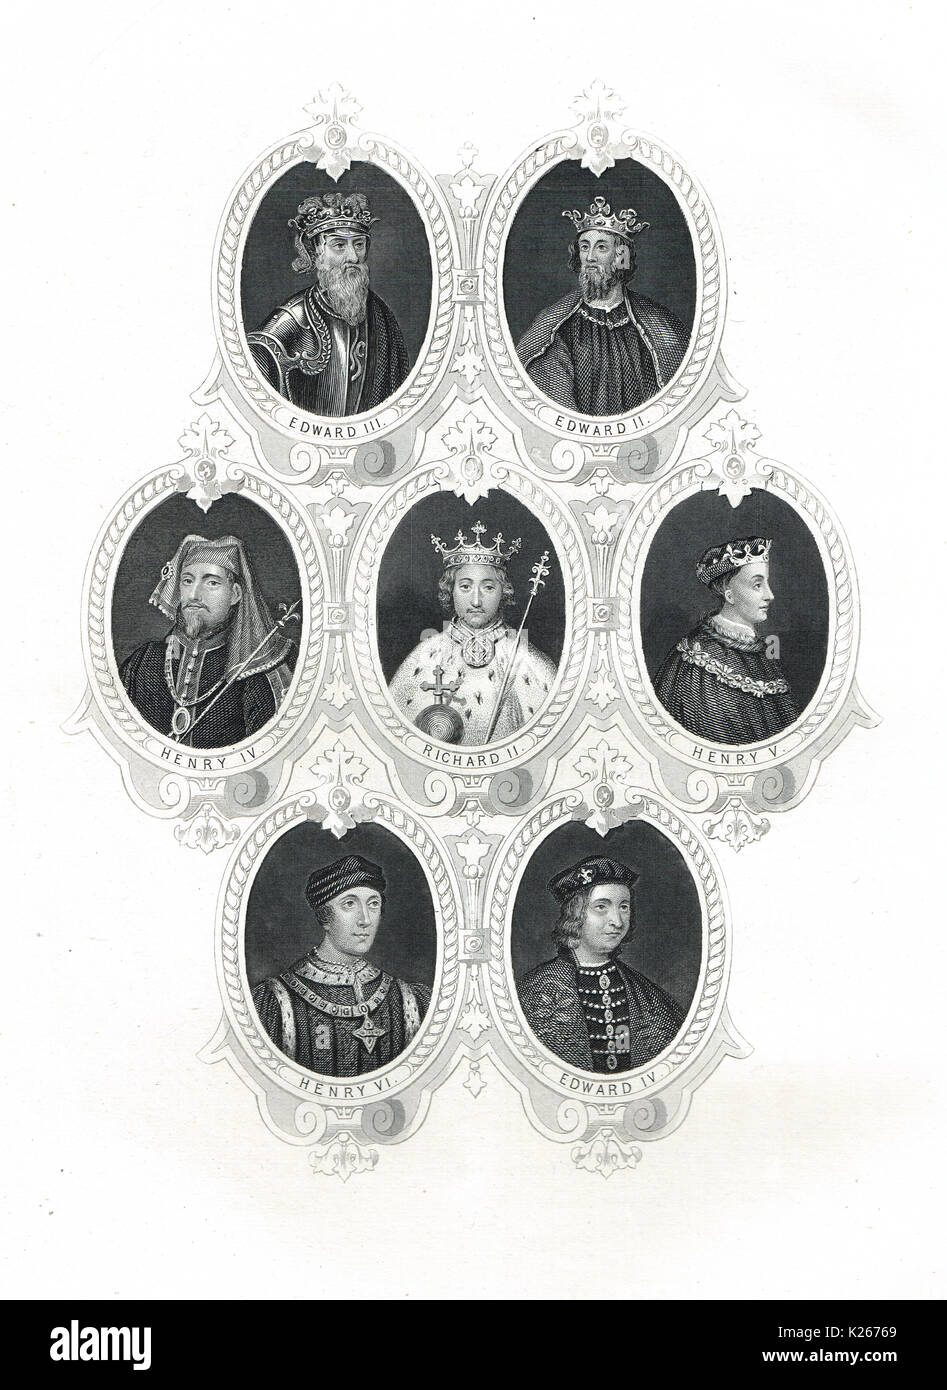 Kings of England from Edward II to Edward IV - Stock Image